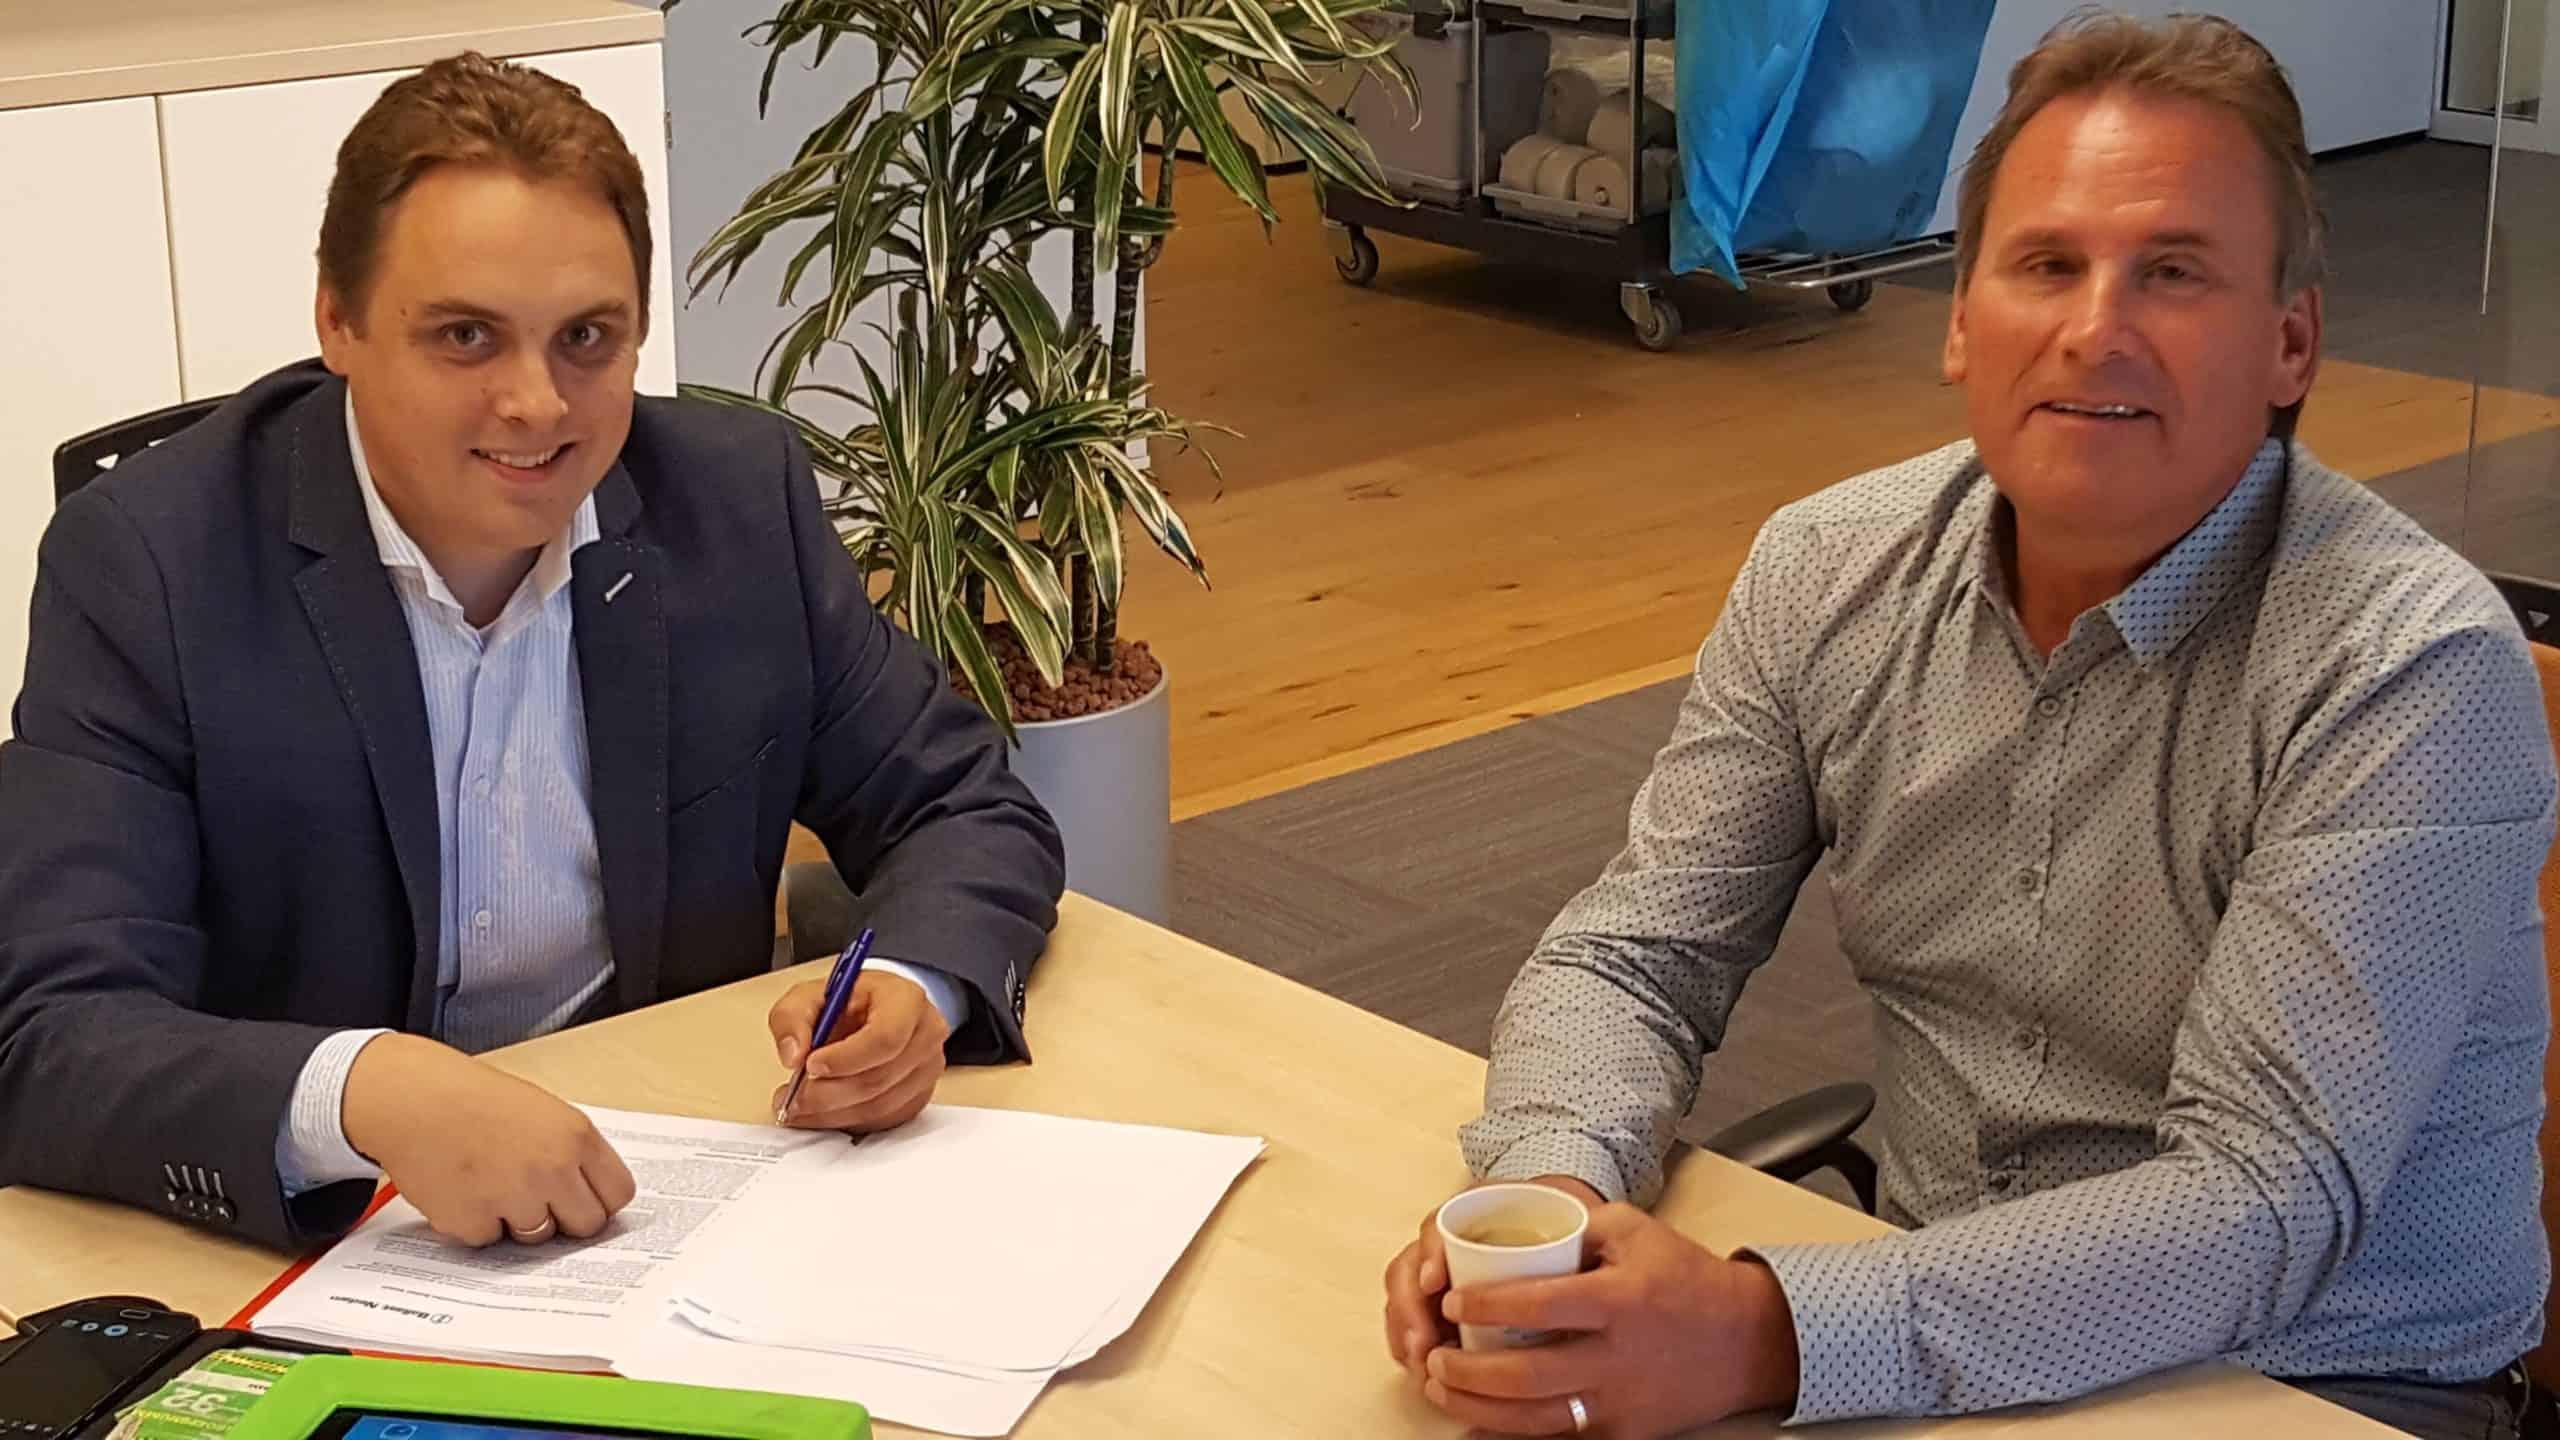 Jan Pieter van Dalen (l), manager van Nieman Kwaliteitsborging en Koos van Os (r), directeur van Hart van Zuid V.o.f. tekenen de samenwerkingsovereenkomst.